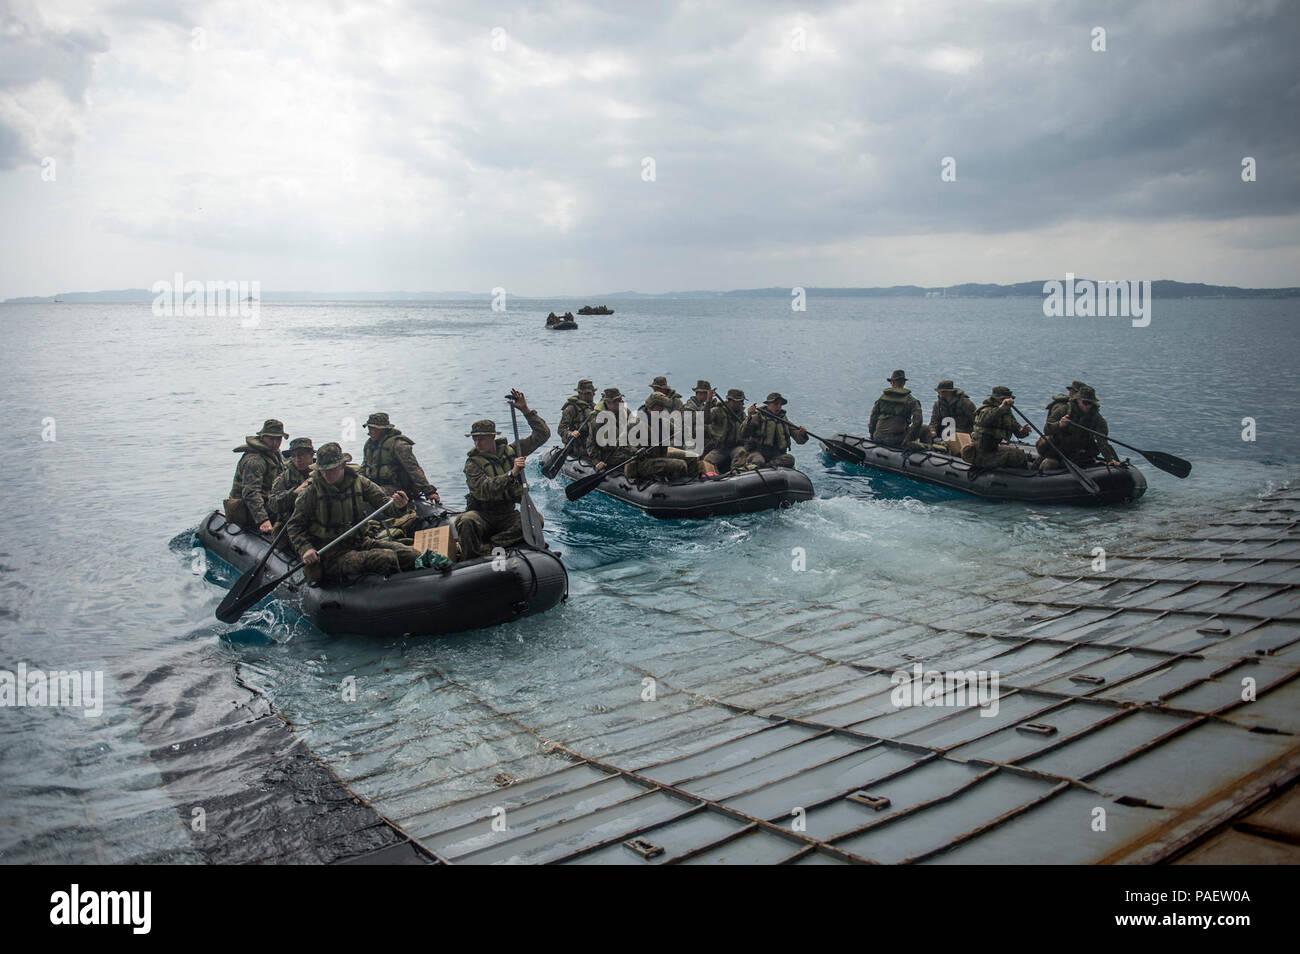 Marines attribuée à la société F de l'équipe d'atterrissage du bataillon, 2e Bataillon, 5ème Marines, 31e Marine Expeditionary Unit effectuer le lancement et la récupération des opérations avec la lutte contre le maraudage en caoutchouc de l'artisanat et pont du quai de transport amphibie USS Denver LPD (9). Denver est attribué à l'Bonhomme Richard Groupe amphibie et est en train de mener des opérations dans la 7e flotte américaine Zone d'opérations. Banque D'Images